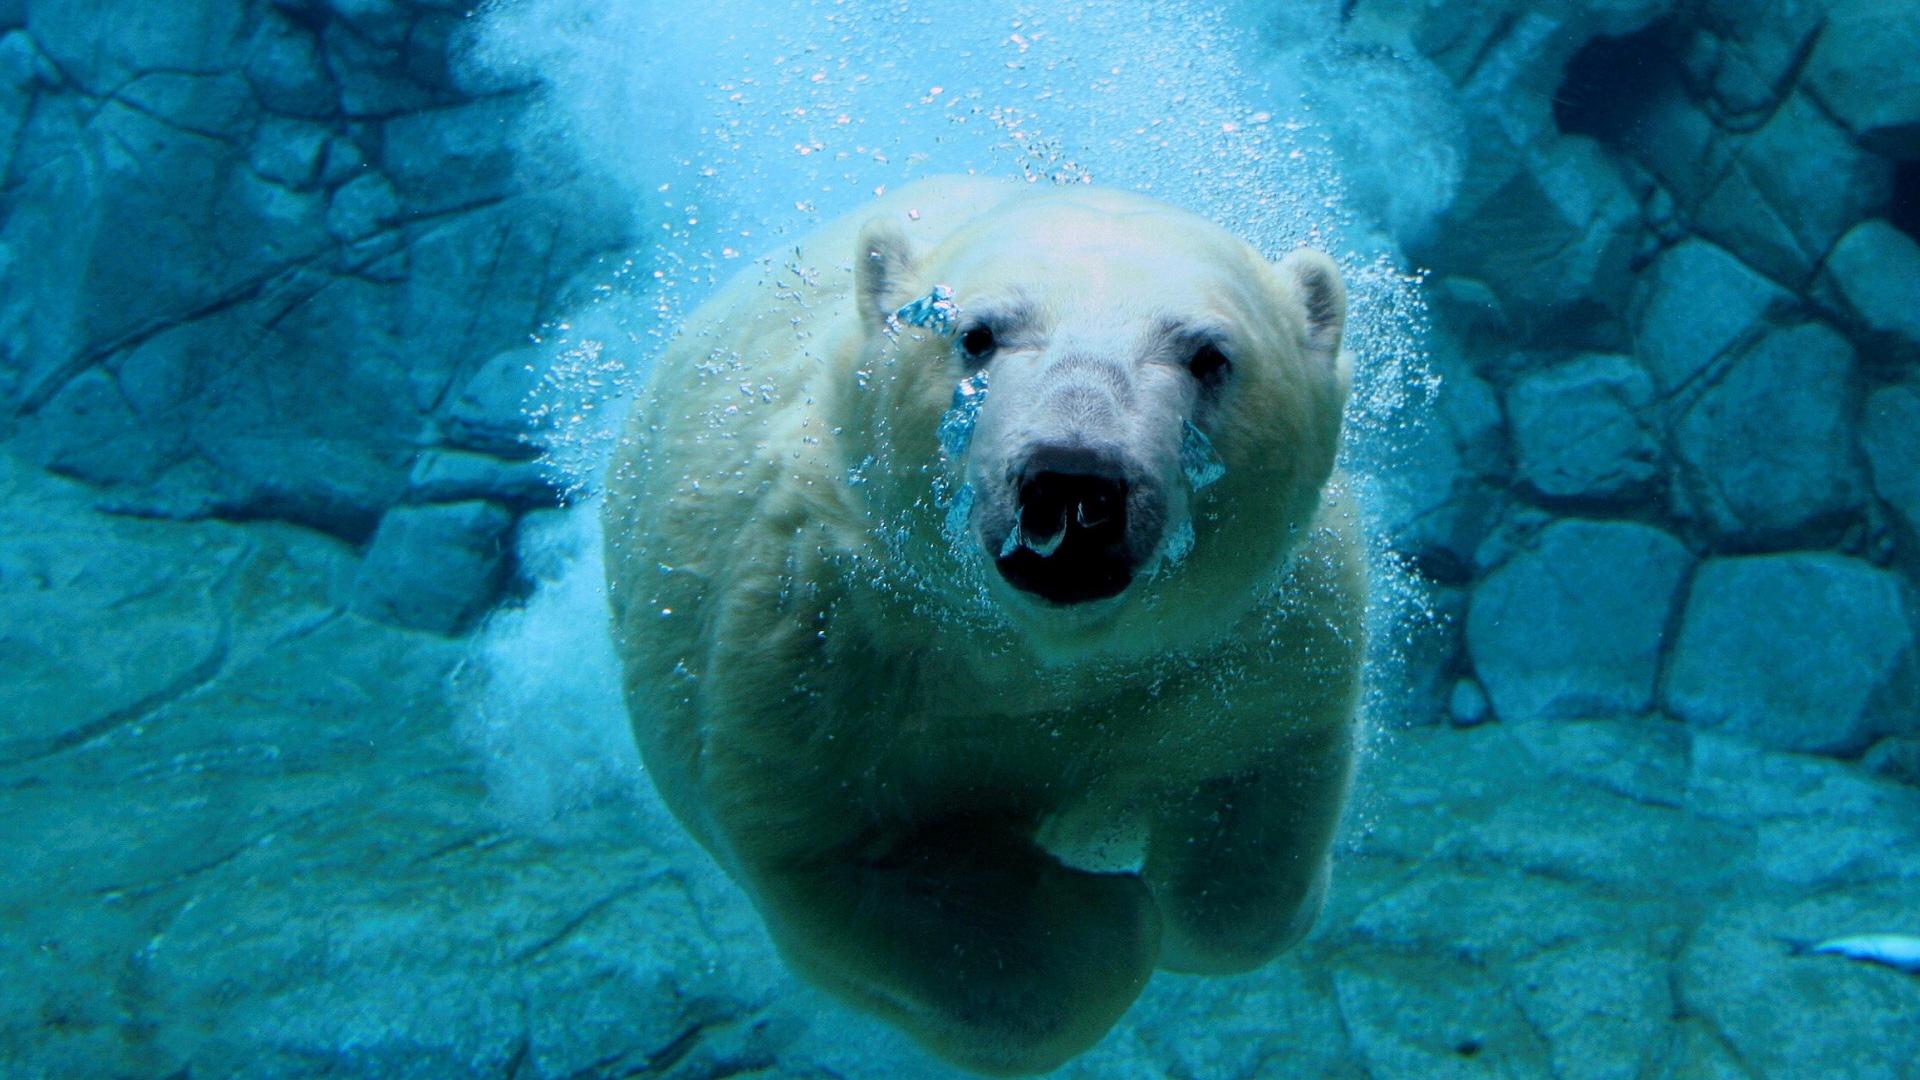 Белый медведь под водой, красивое фото, обои для рабочего стола